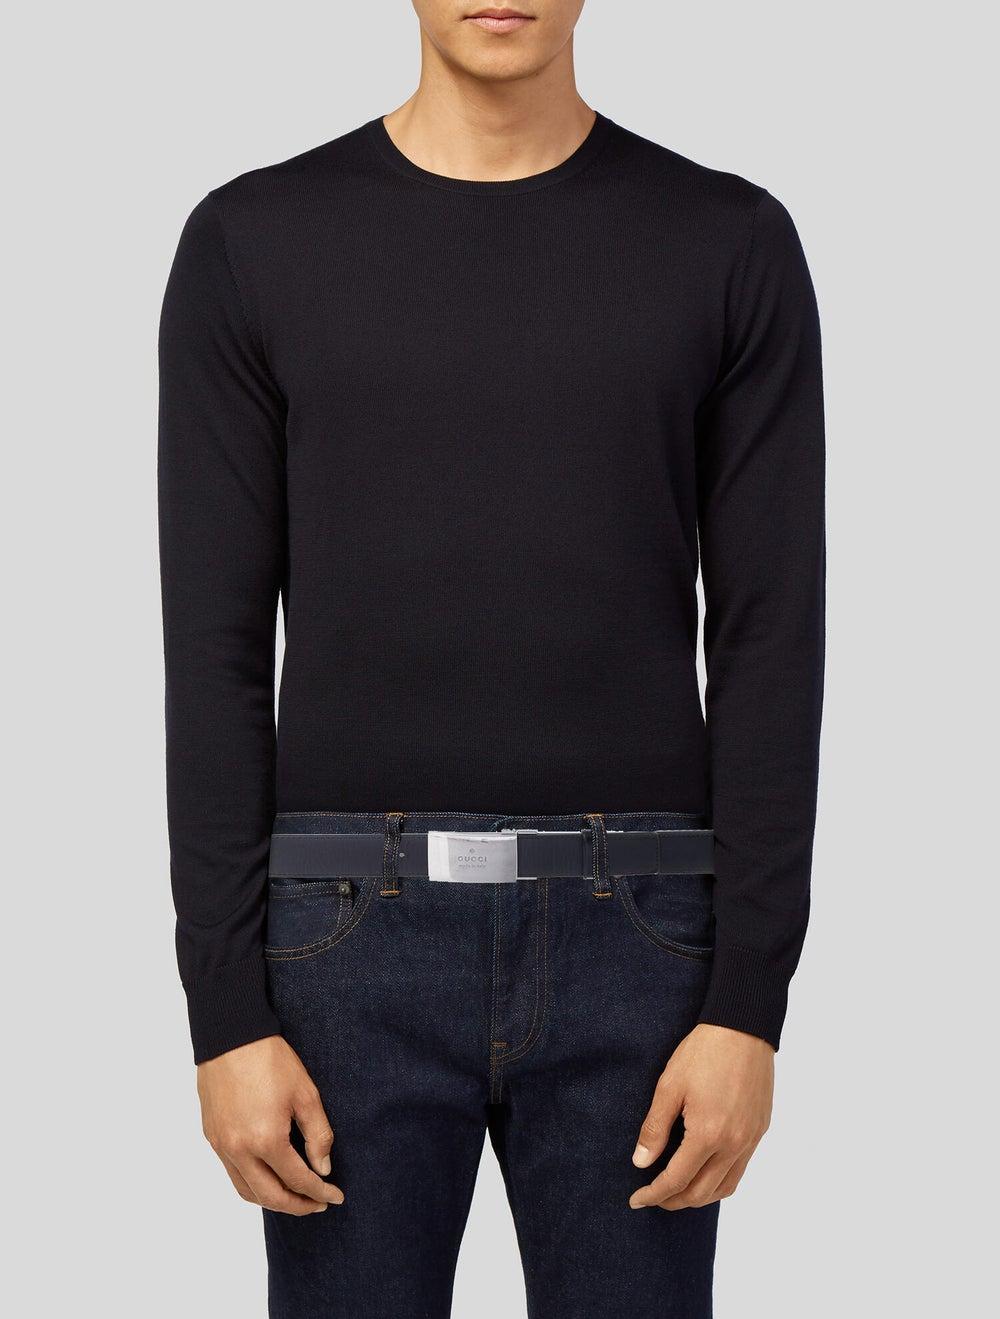 Gucci Leather Belt black - image 2